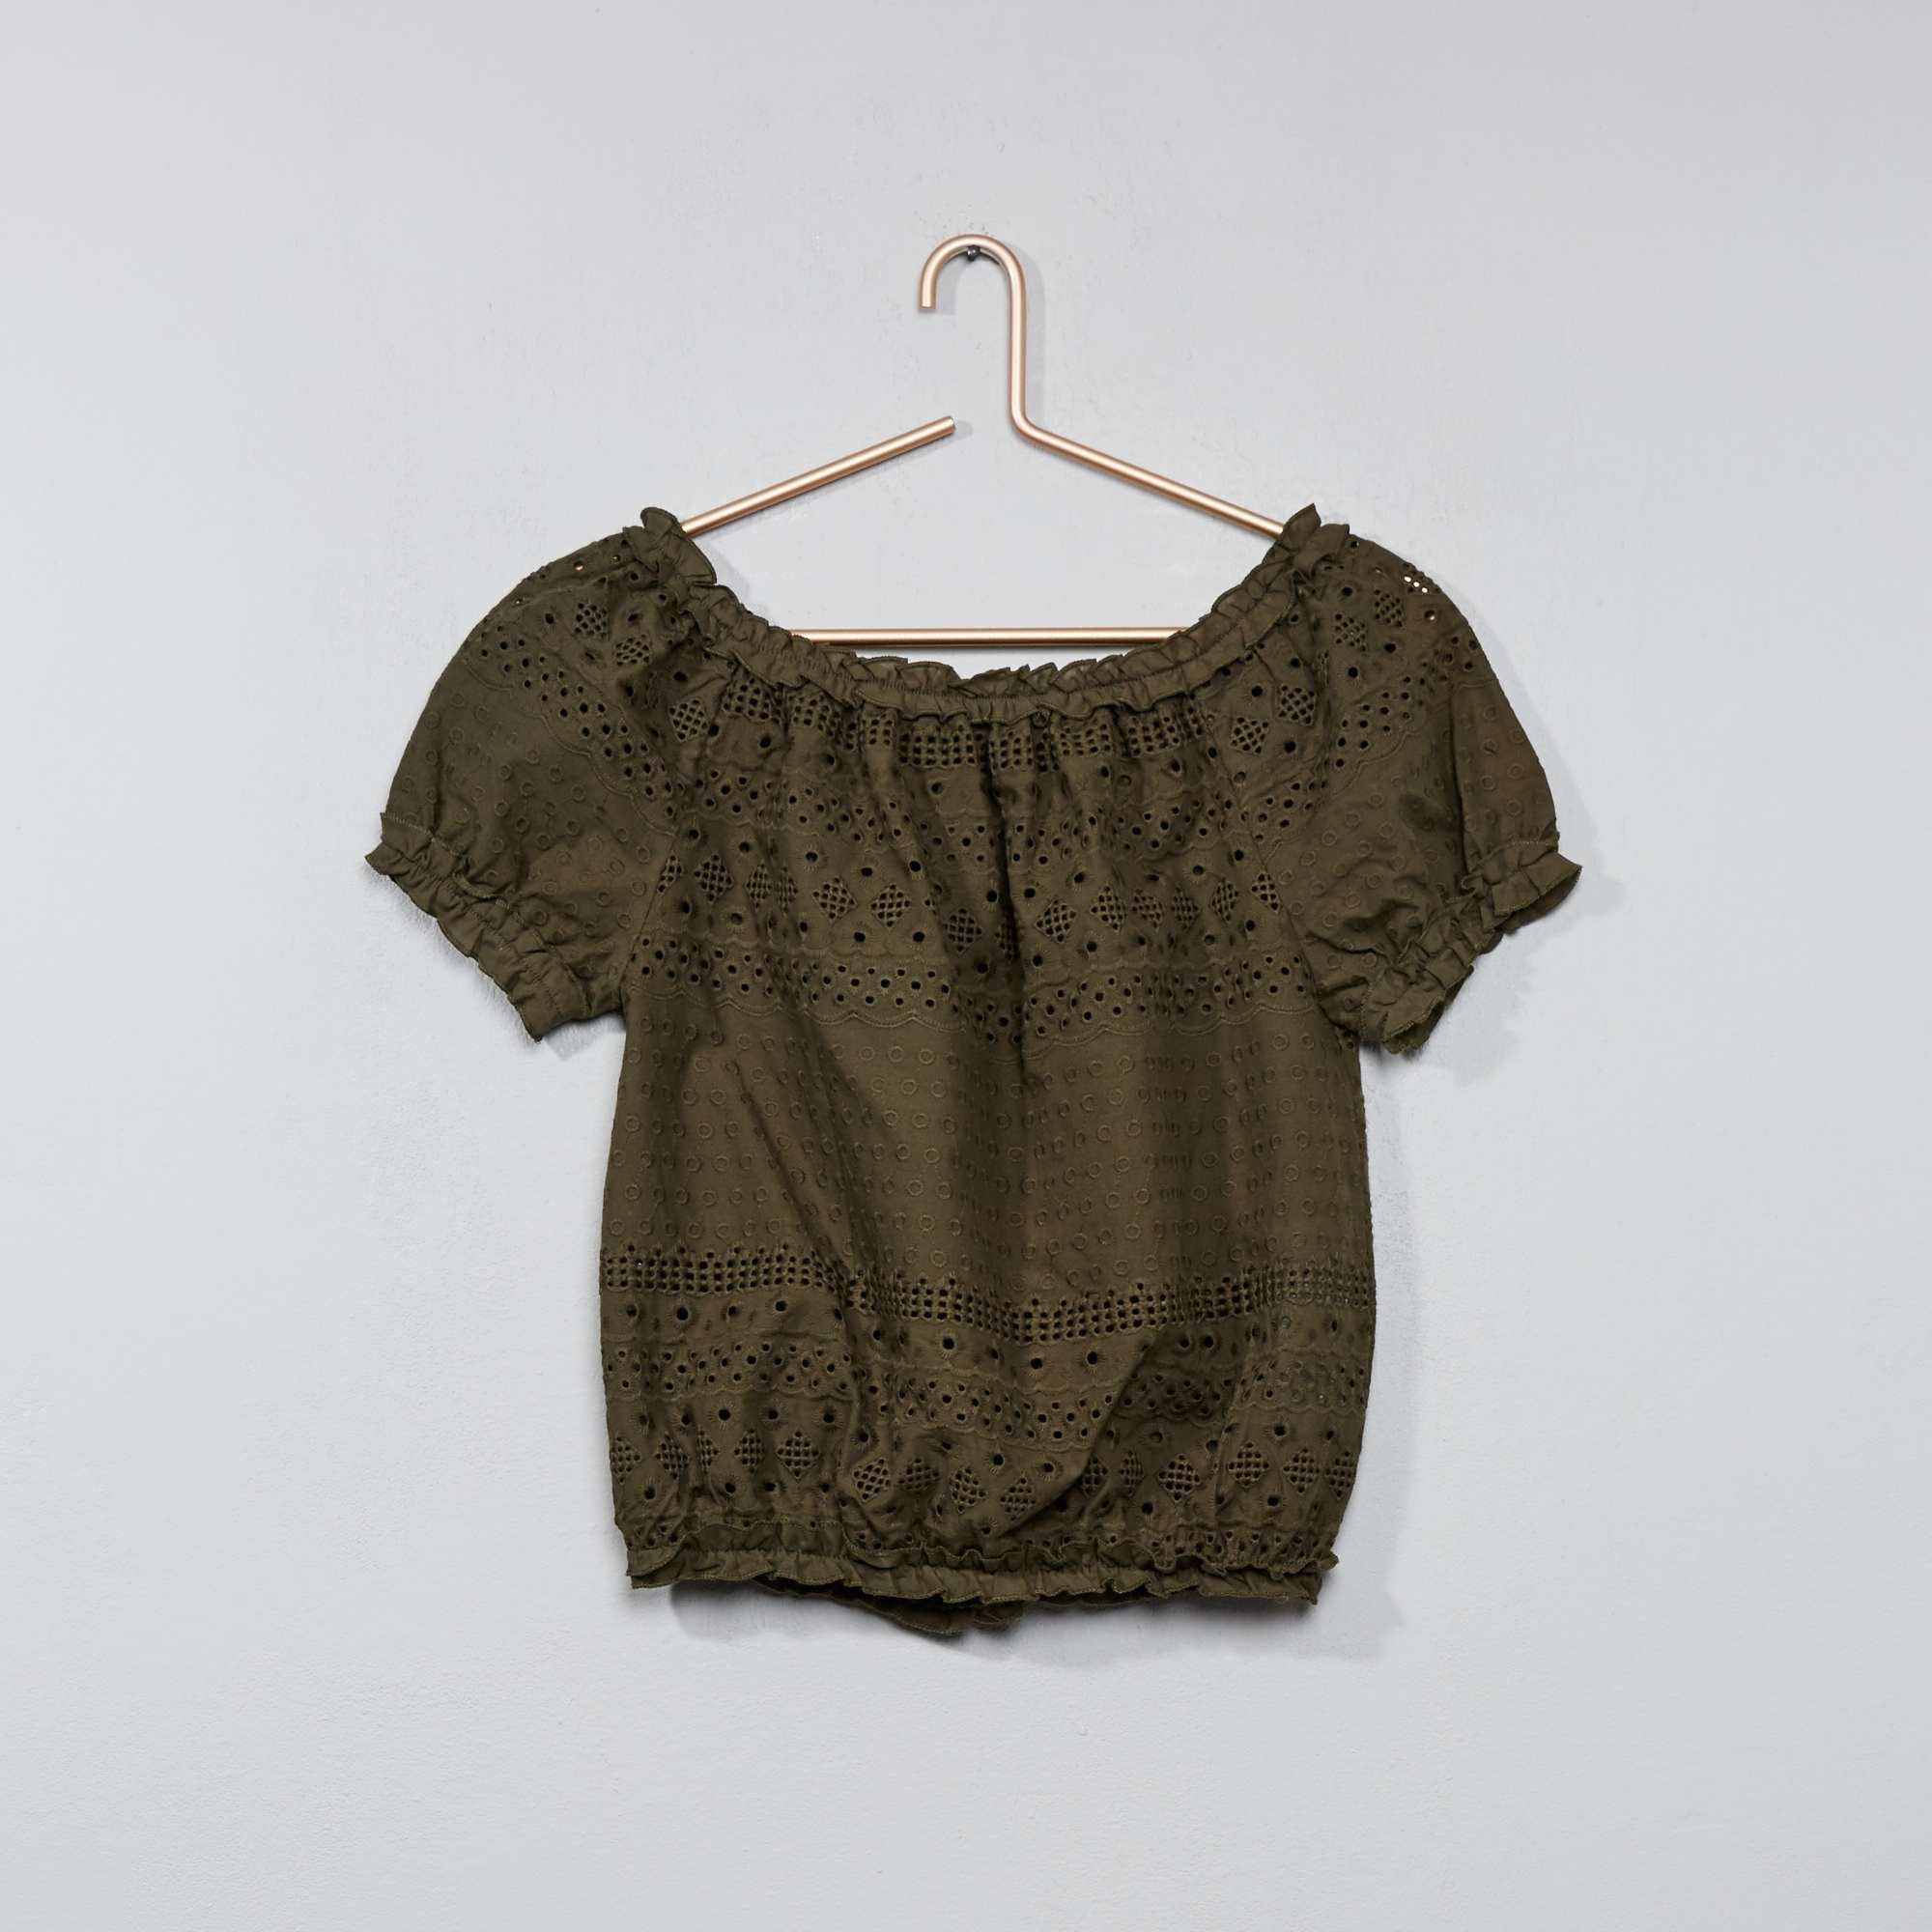 Couleur : kaki, rose pâle, vieux rose,bleu ciel, - Taille : 12A, XS, S,M,Les épaules dénudées et de beaux détails ajourés un peu partout sur cette blouse ! -